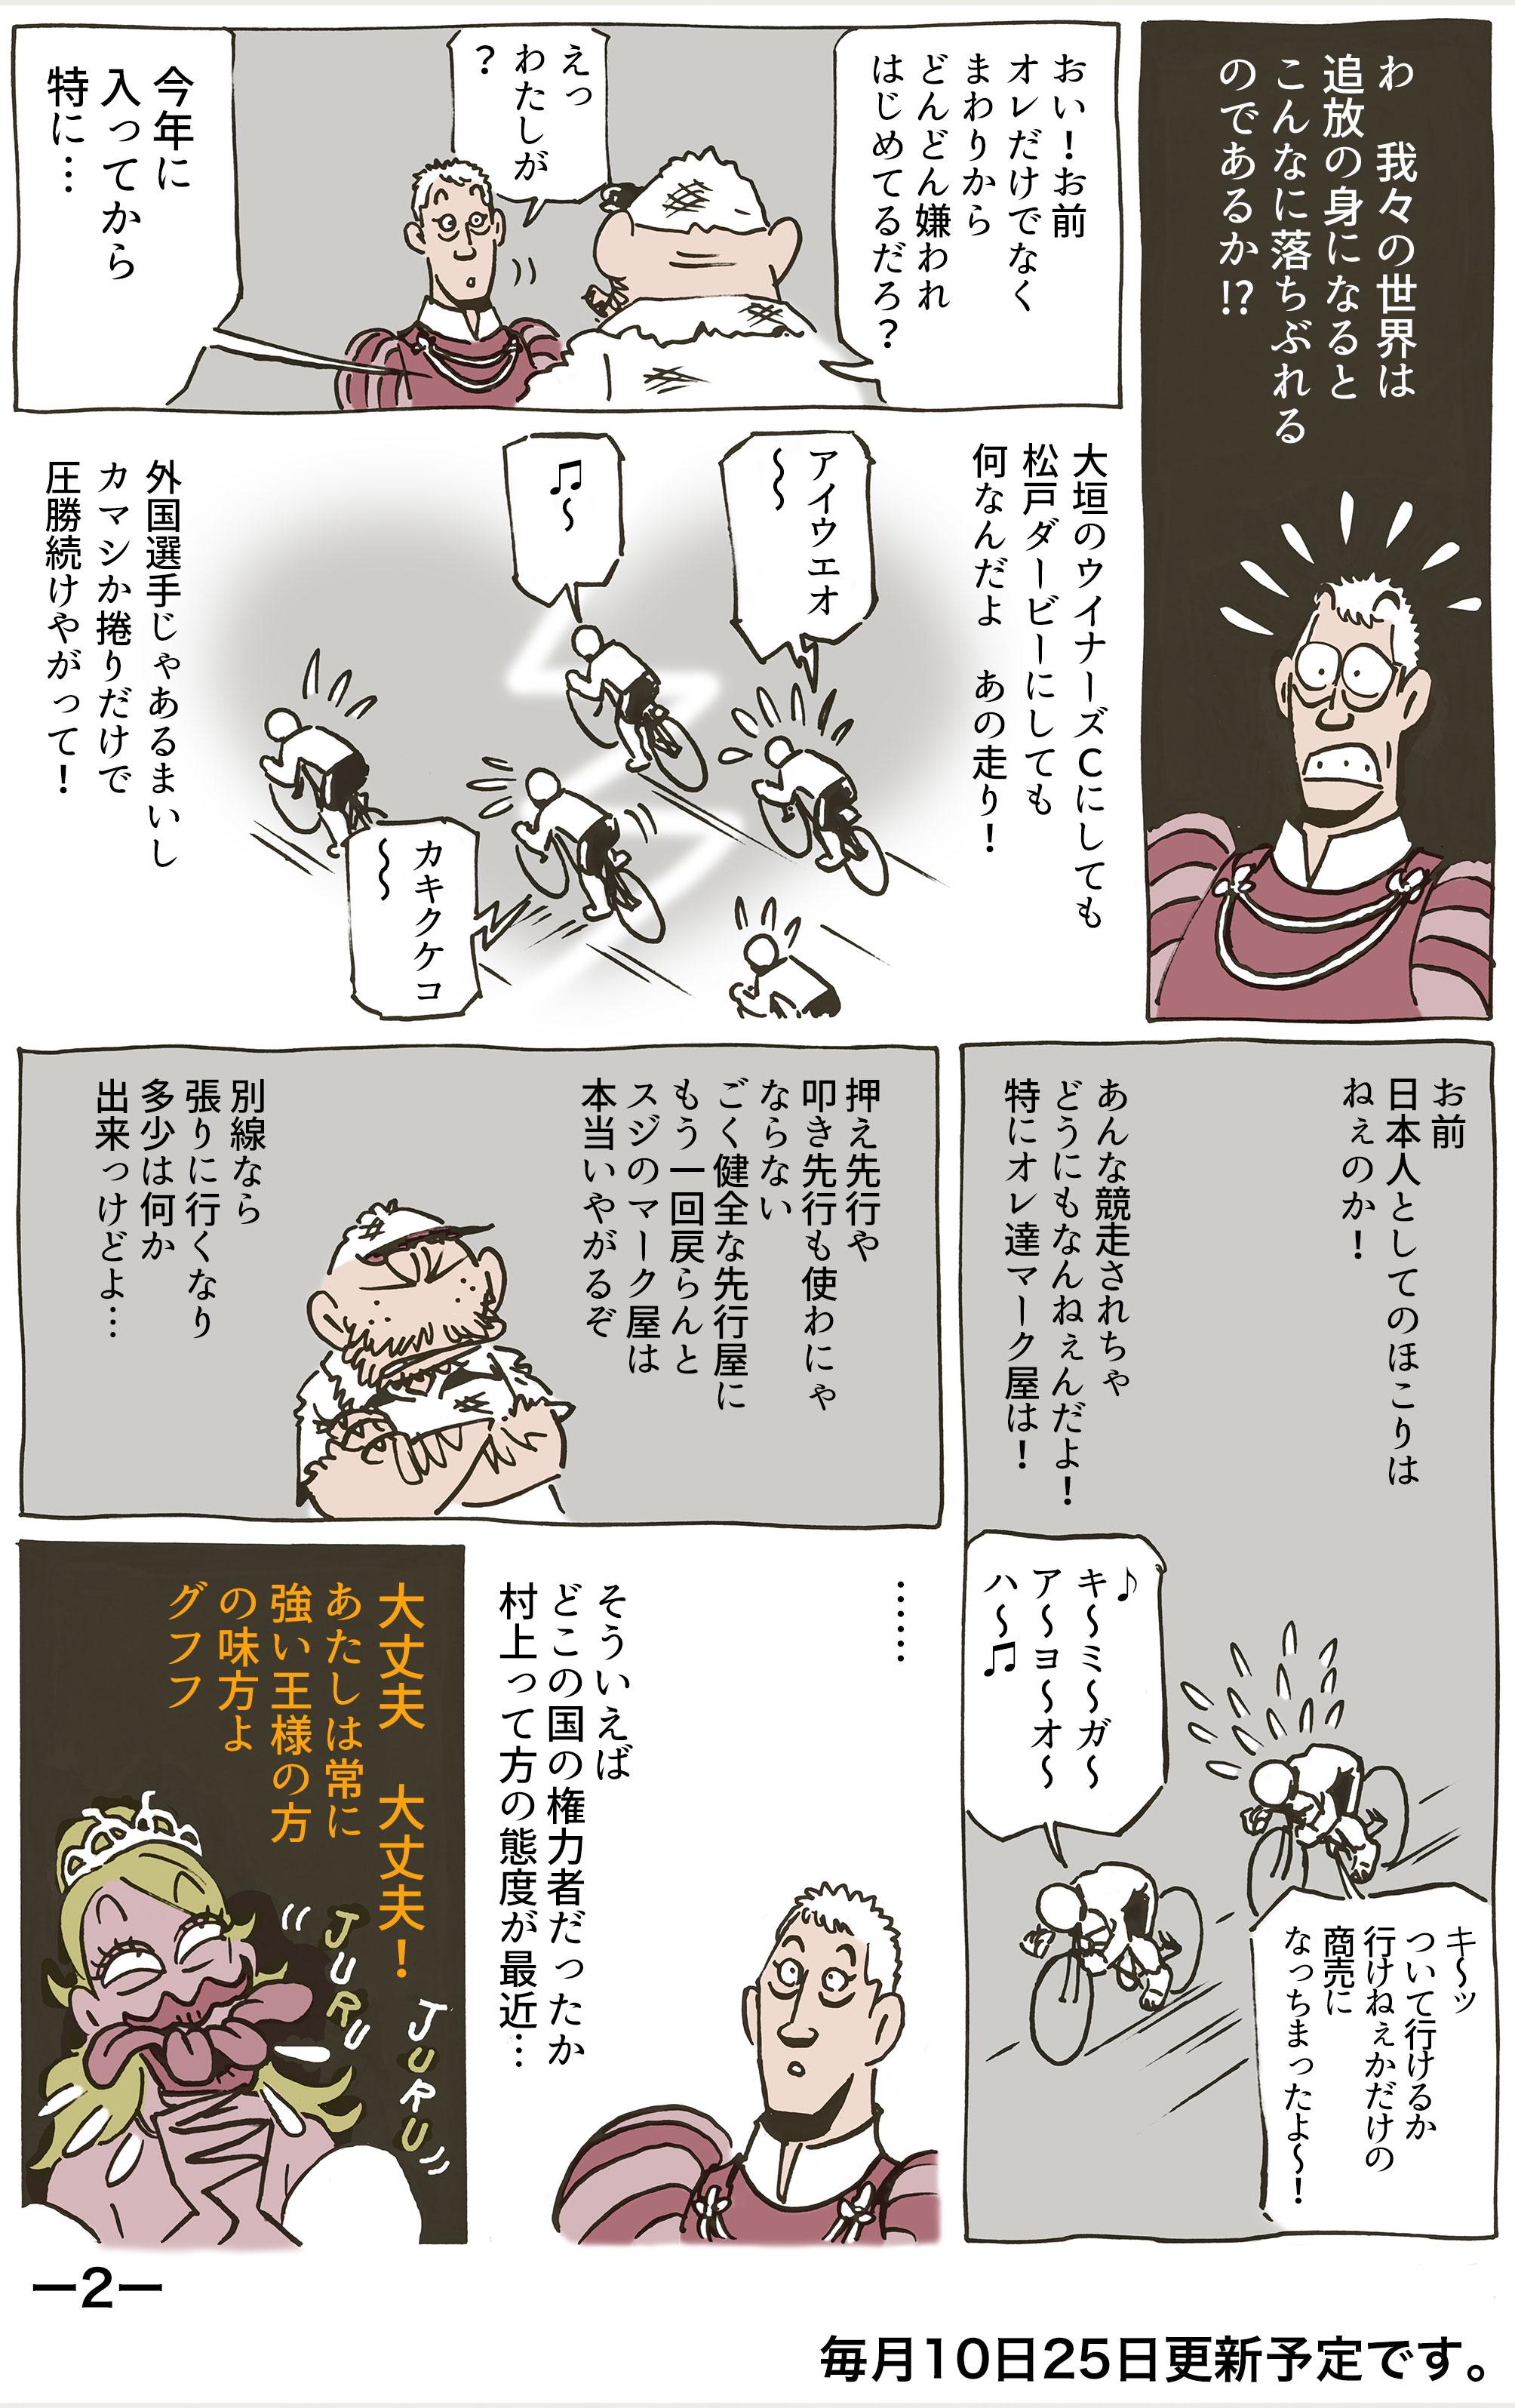 脇本雄太『強すぎていやになったぜ!』